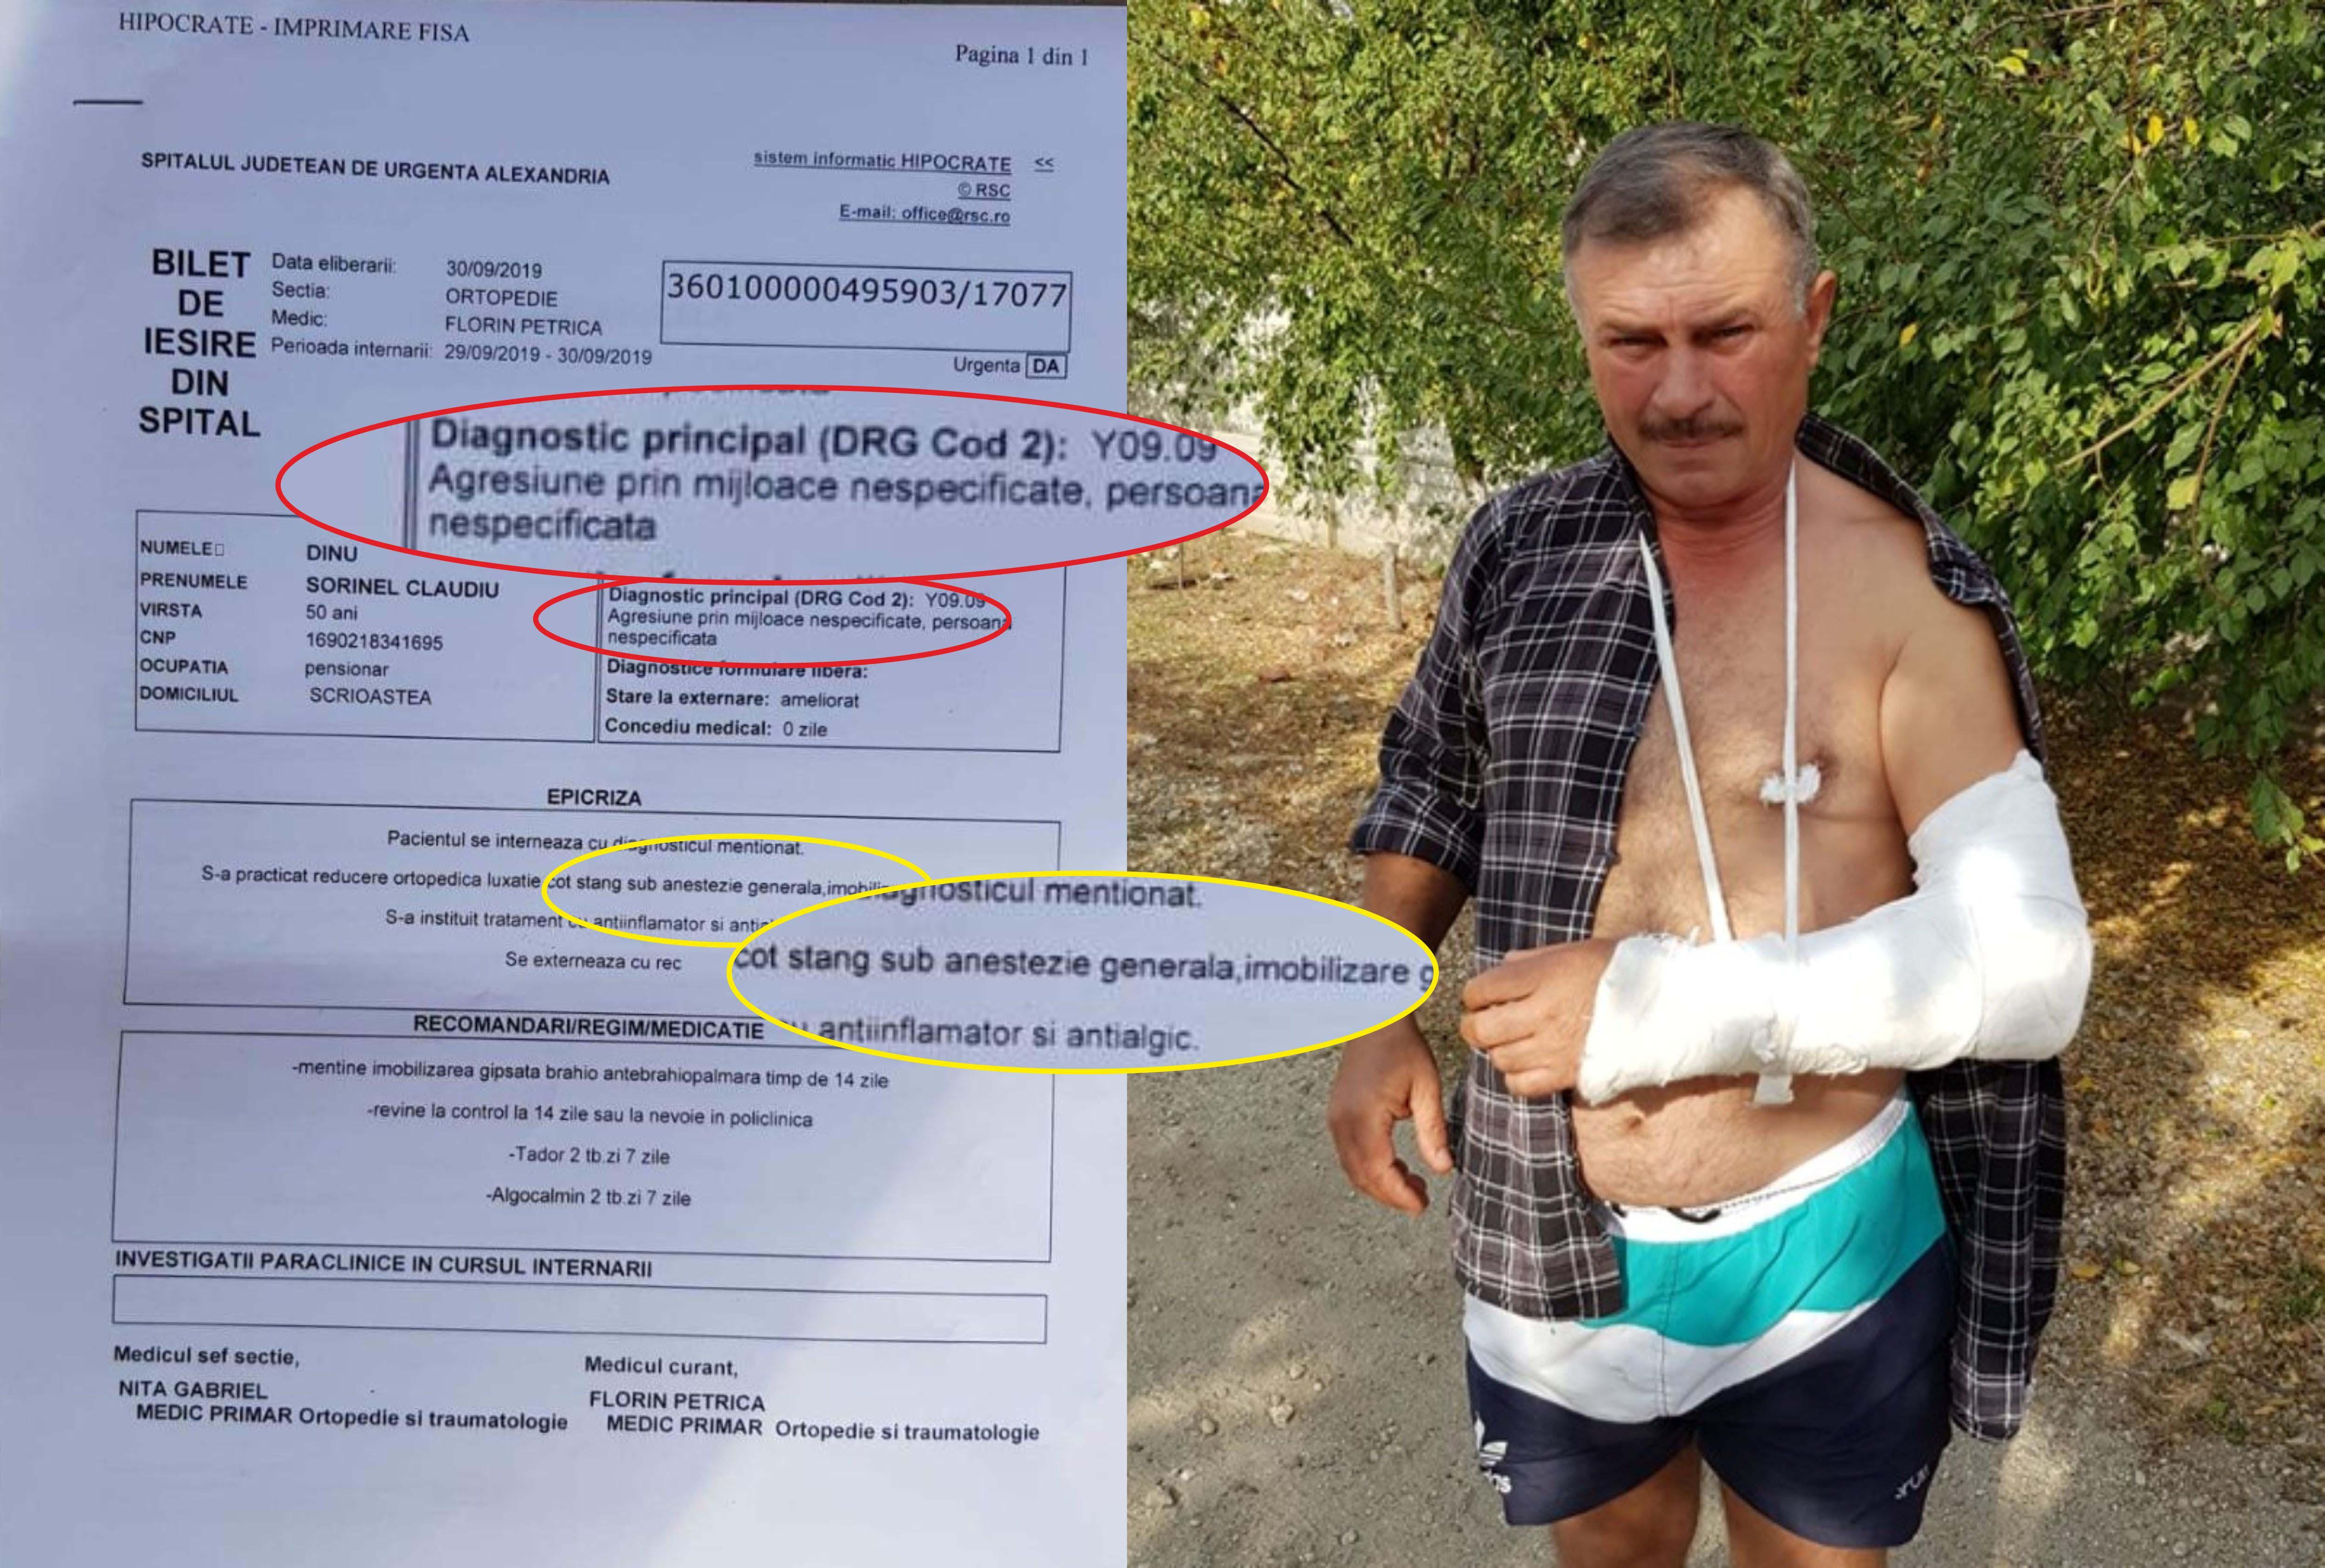 Consilier local din Scrioaştea, agresat şi încătuşat de poliţişti. Dinu Sorinel spune că oamenii legii au acţionat la comandă